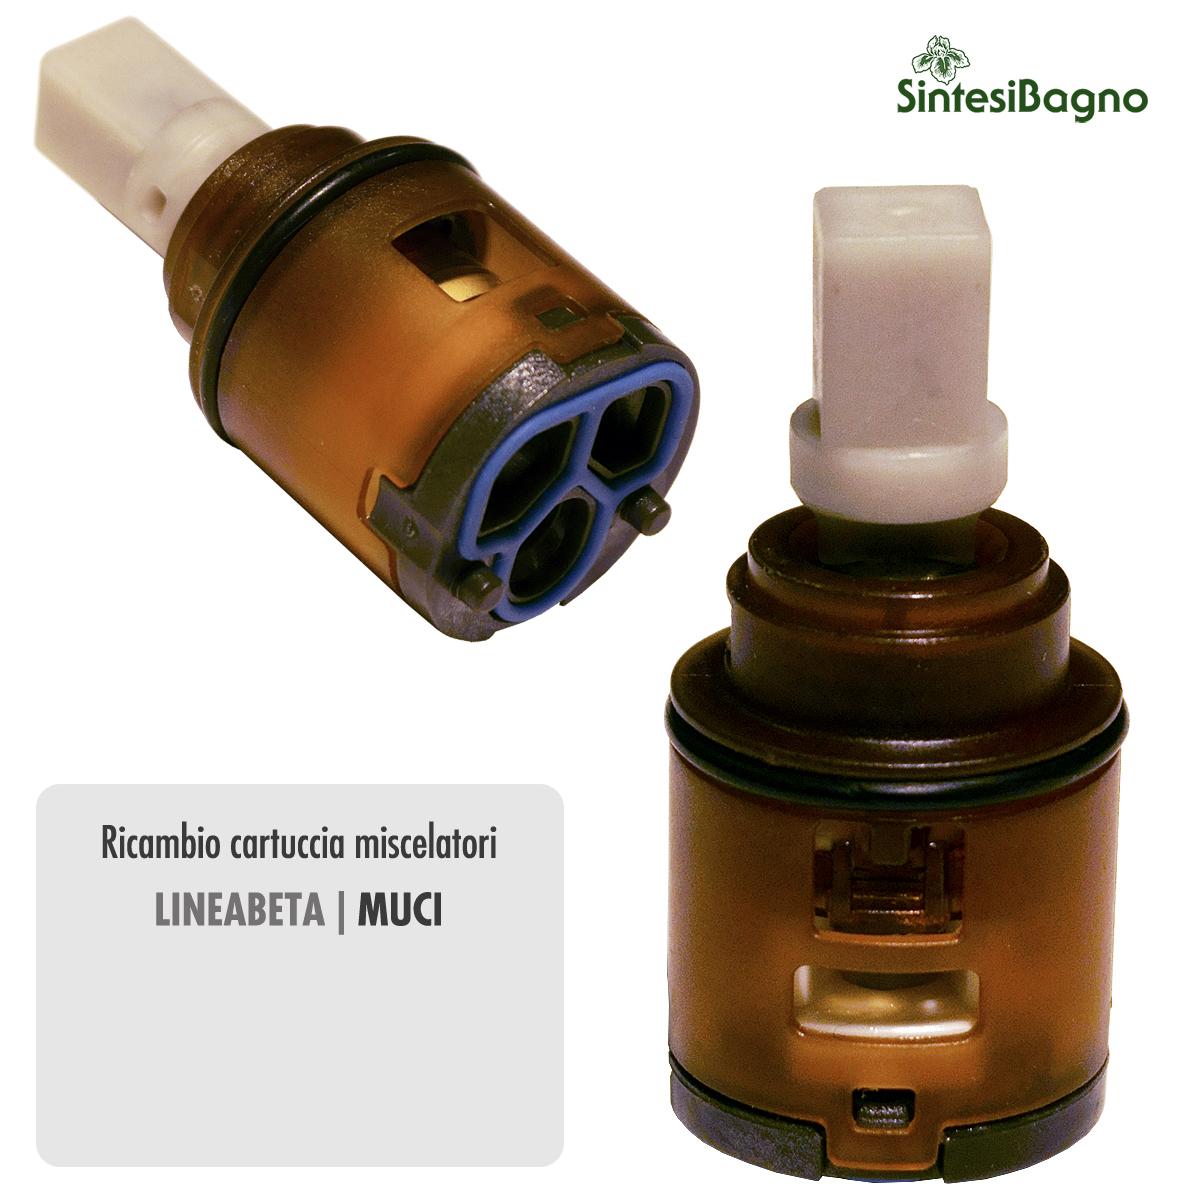 Cartuccia per miscelatore monocomando Ø 25 rubinetterie LINEABETA - R2254232